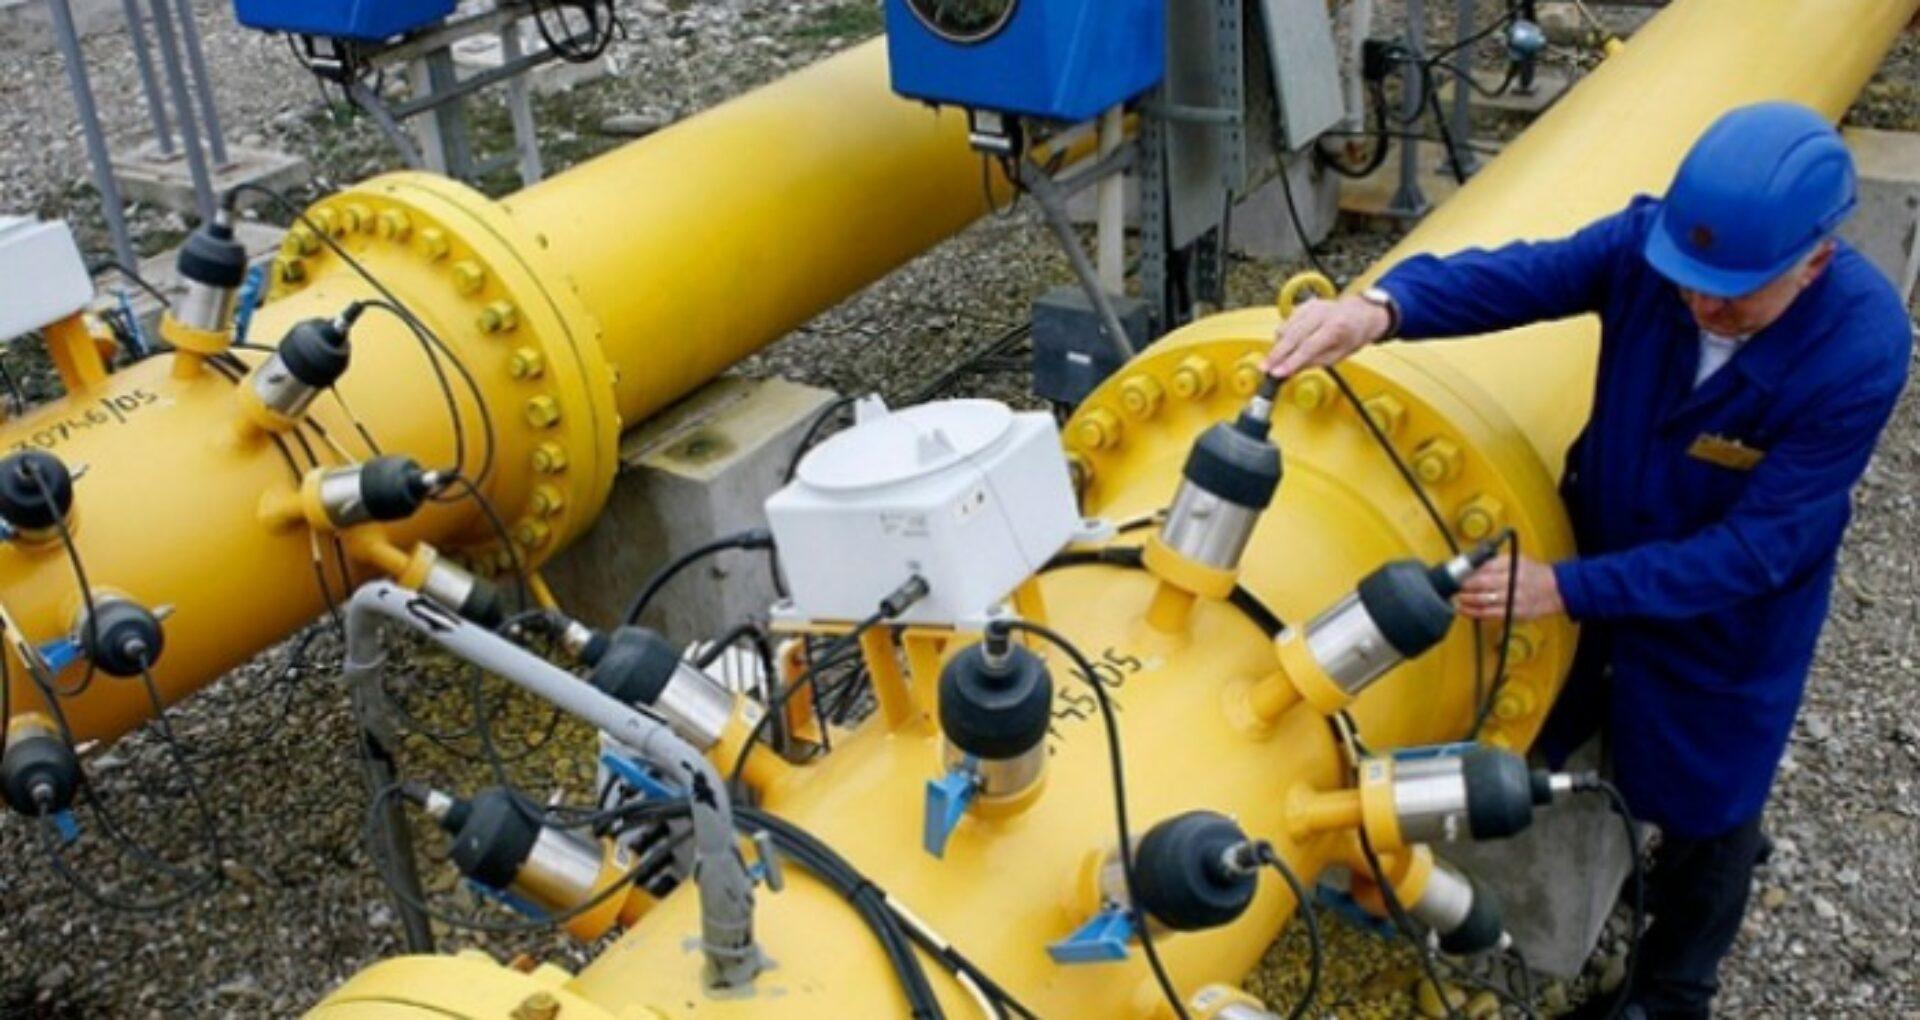 Terenurile pe direcția construcției gazoductului Ungheni-Chișinău vor fi expropriate. Guvernul va achita despăgubiri